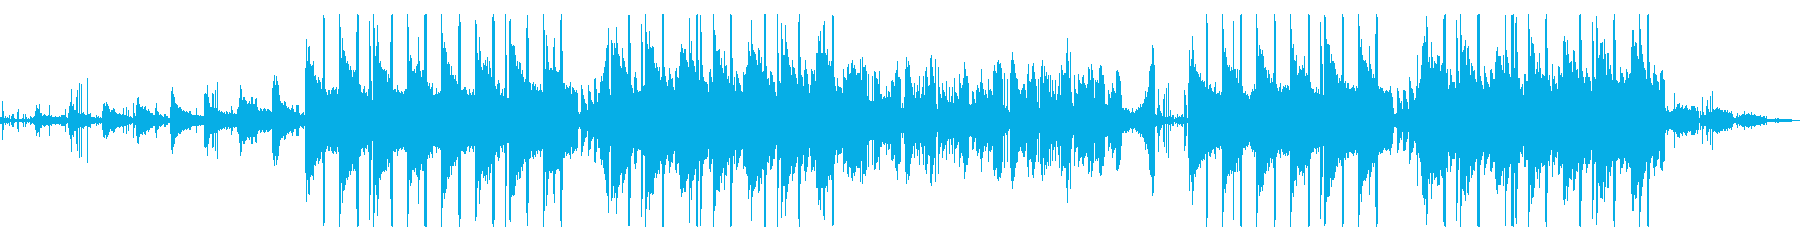 Lofi Hiphop/エモい系/カフェの再生済みの波形